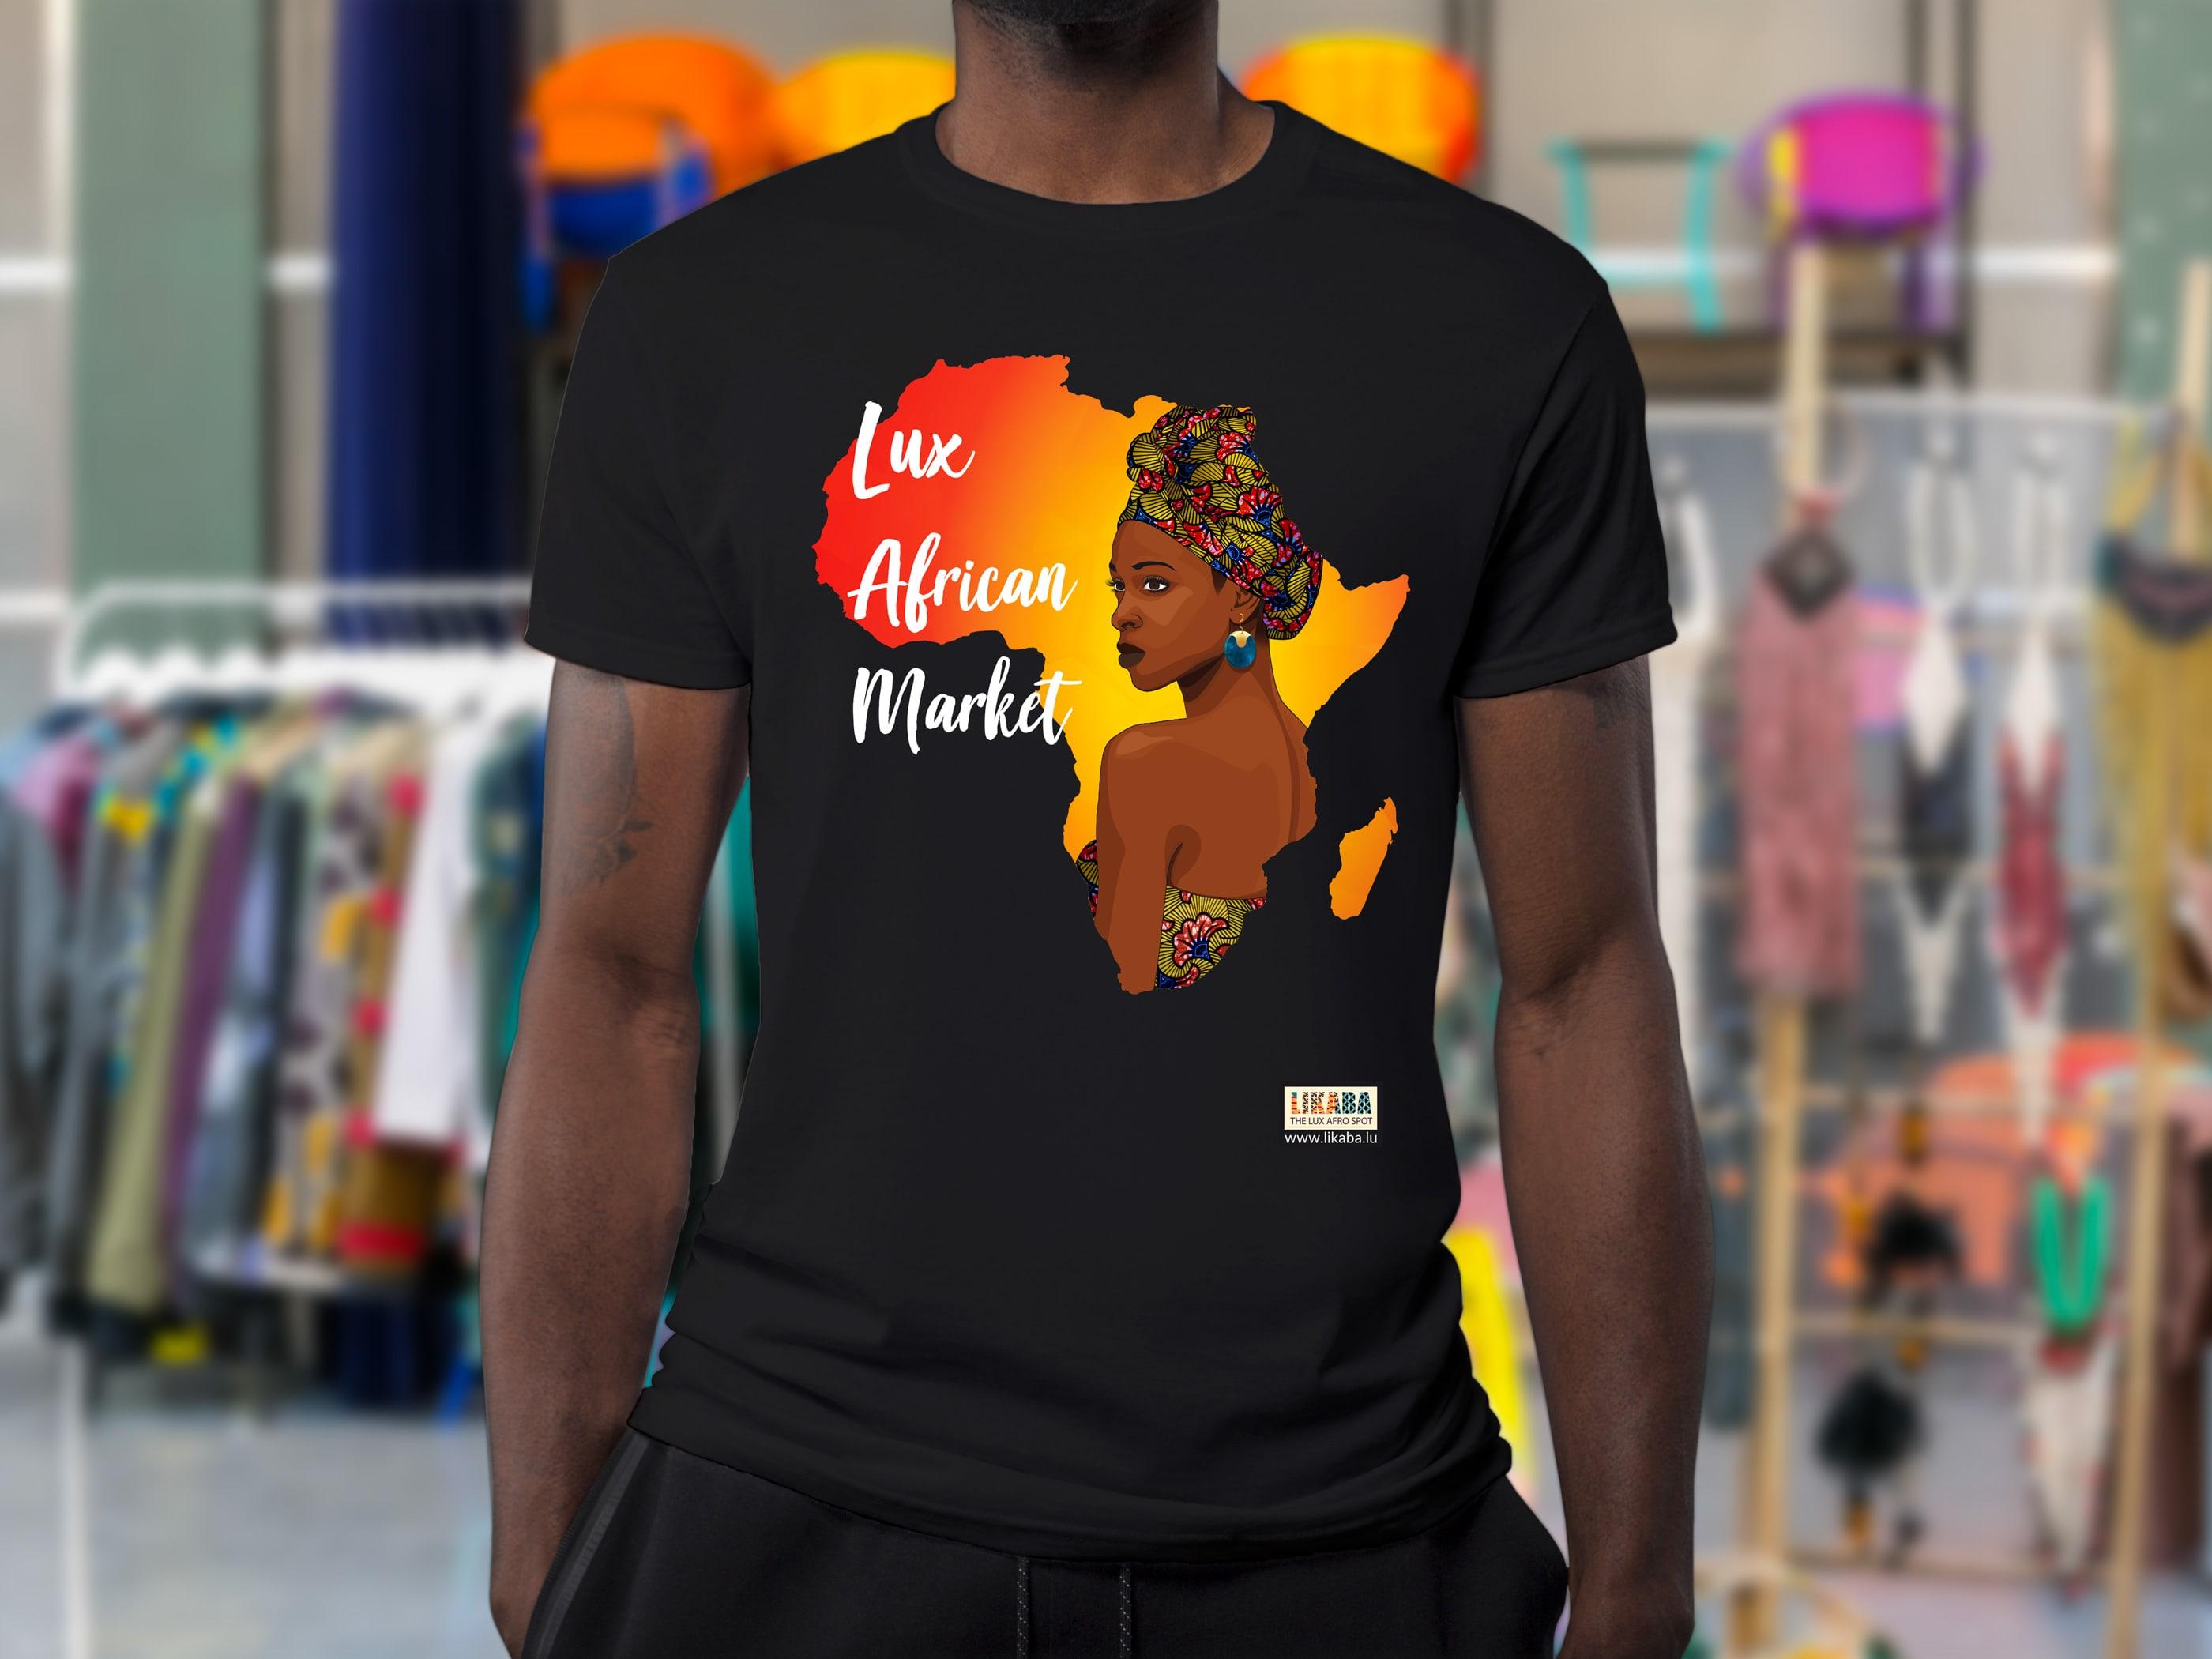 une personne portant un t-shirt noir imprimé à l'effigie du Lux African Market